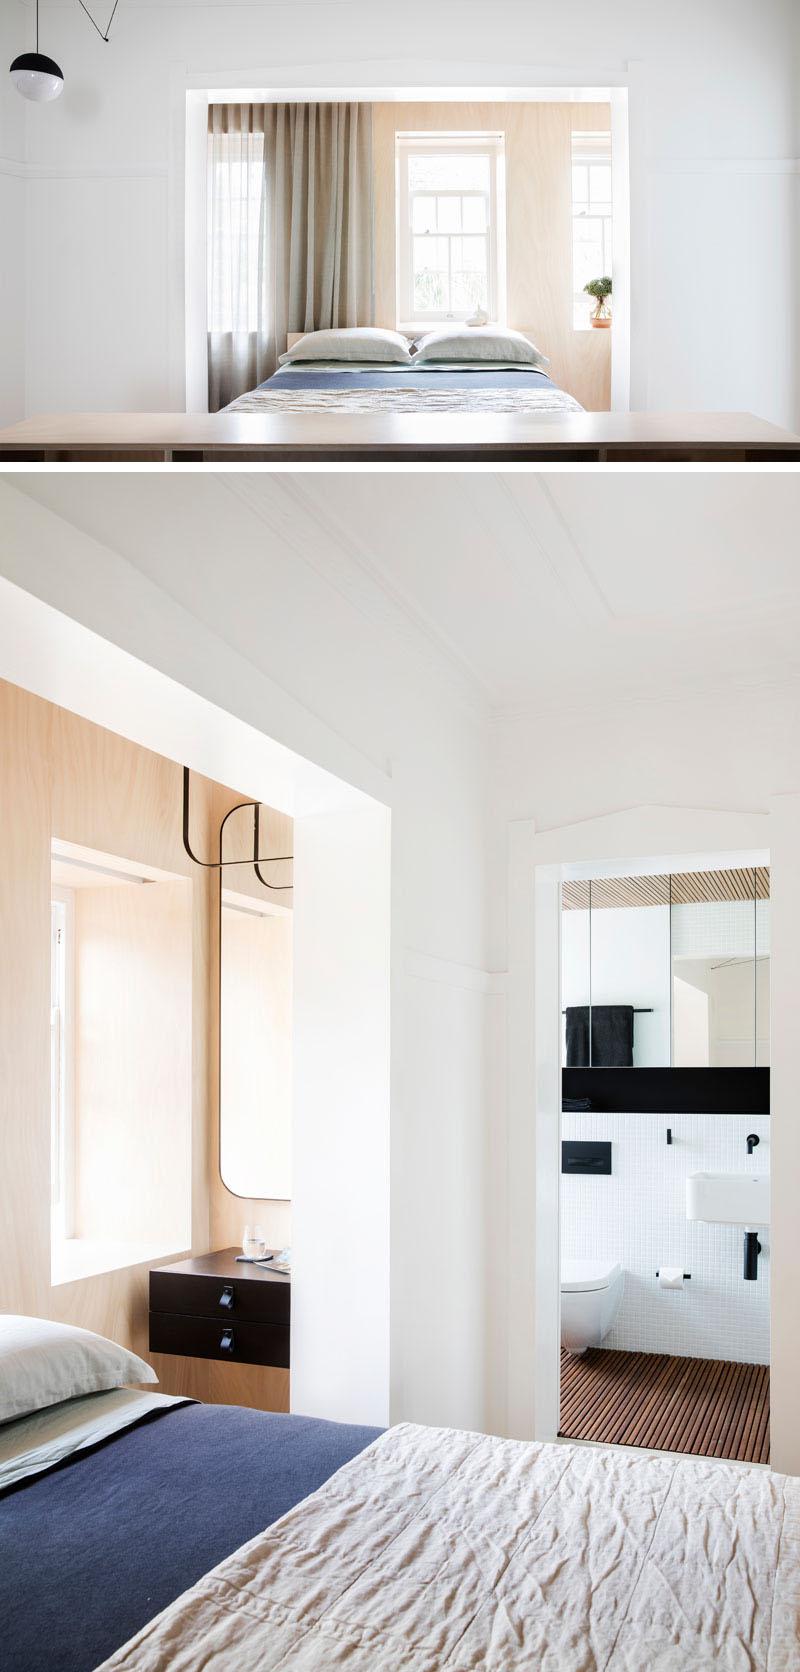 Woonkamer slaapkamer combinatie in een klein appartement van 22m2